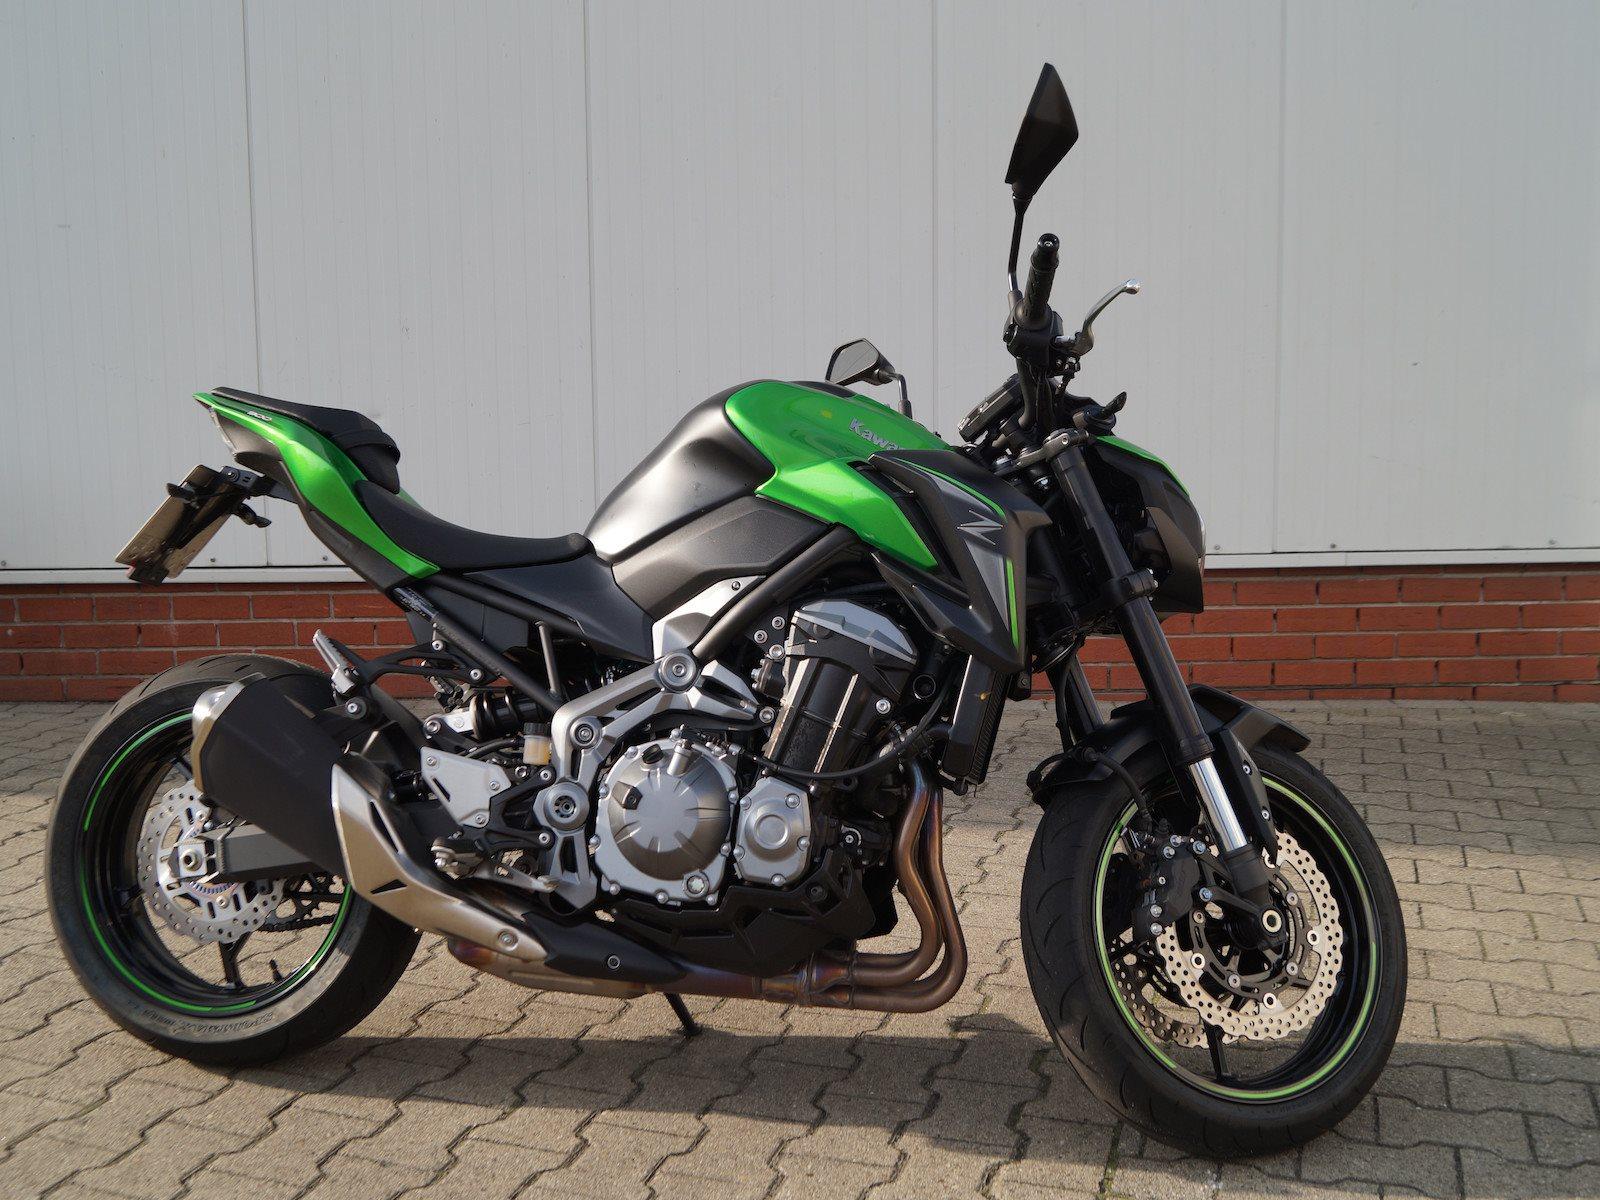 Kawasaki Z900 (35 kW) 2019 kaufen auf autoricardo.ch